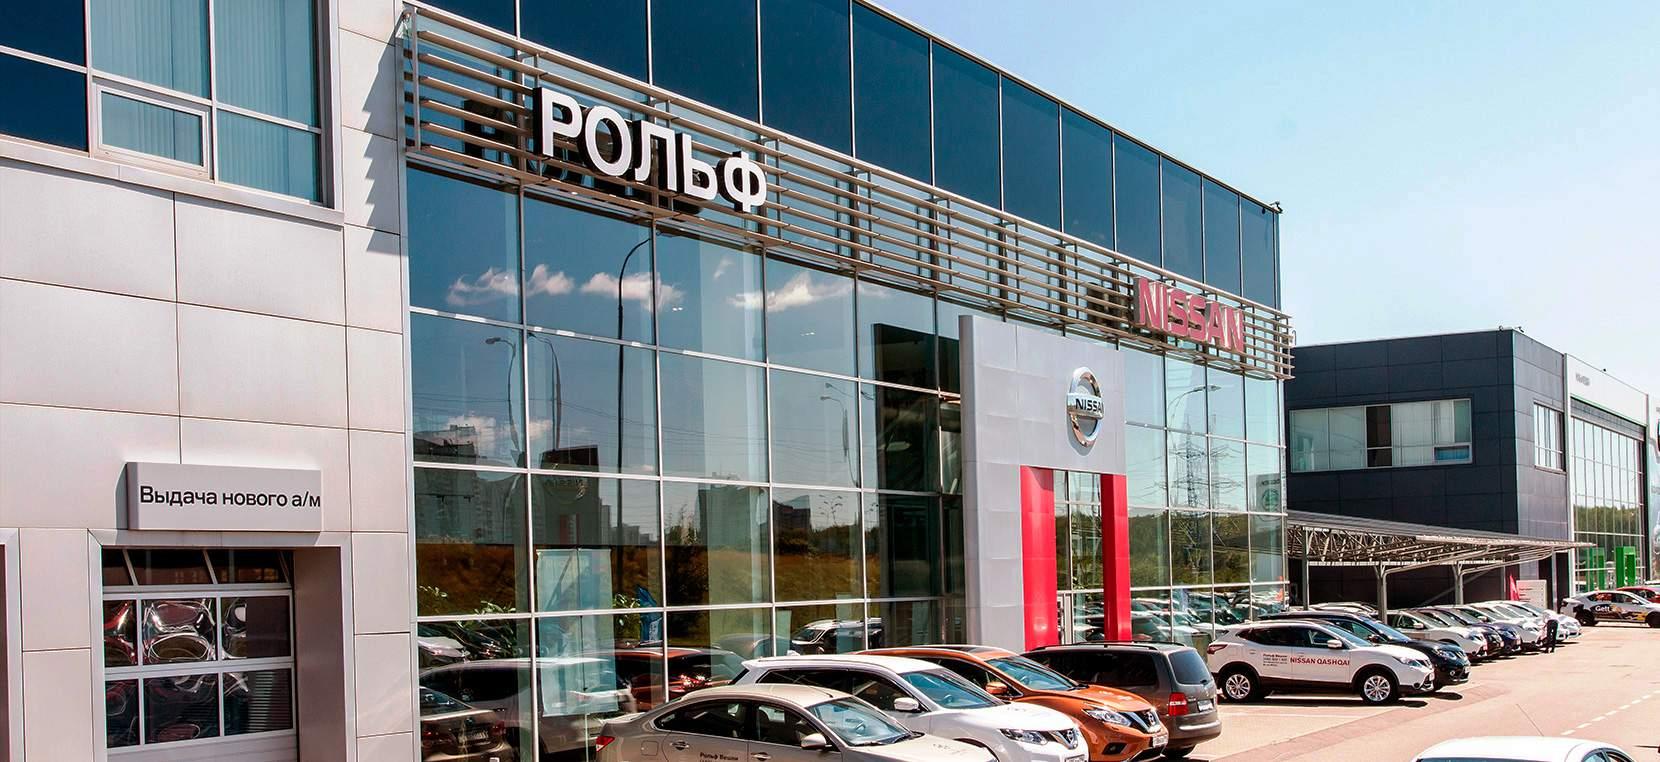 Работа в автосалоне рольф вакансии в москве аренда автомобиля в иркутске без залога